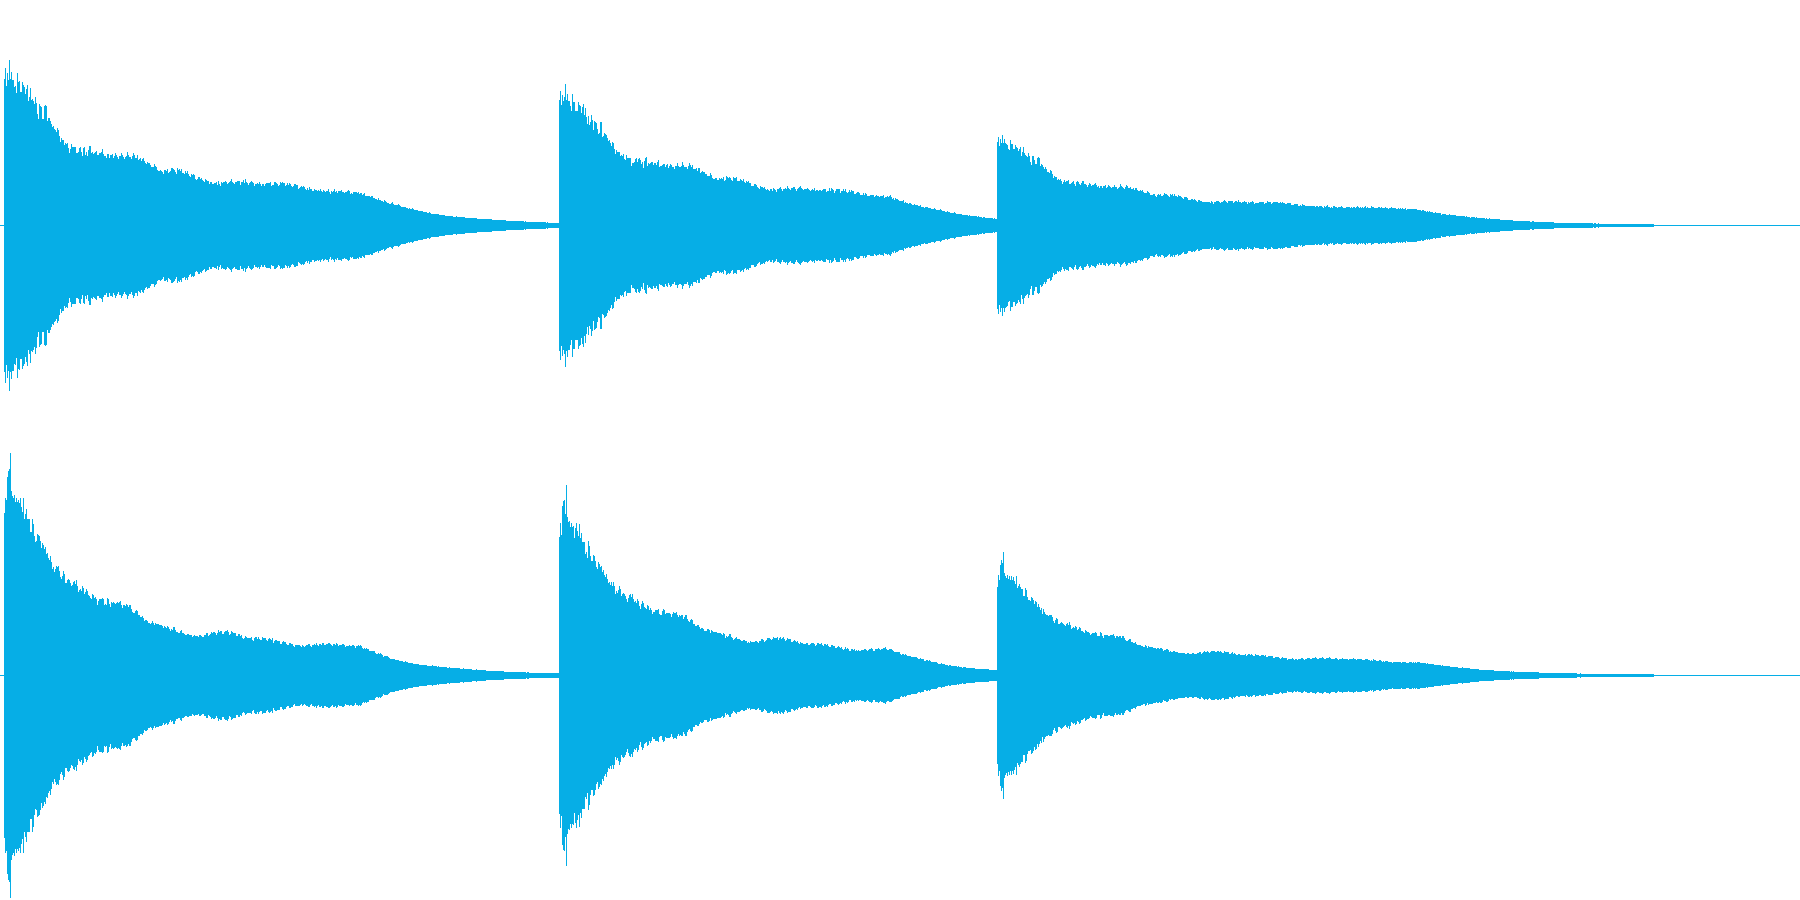 カーン(鐘をつく音)の再生済みの波形